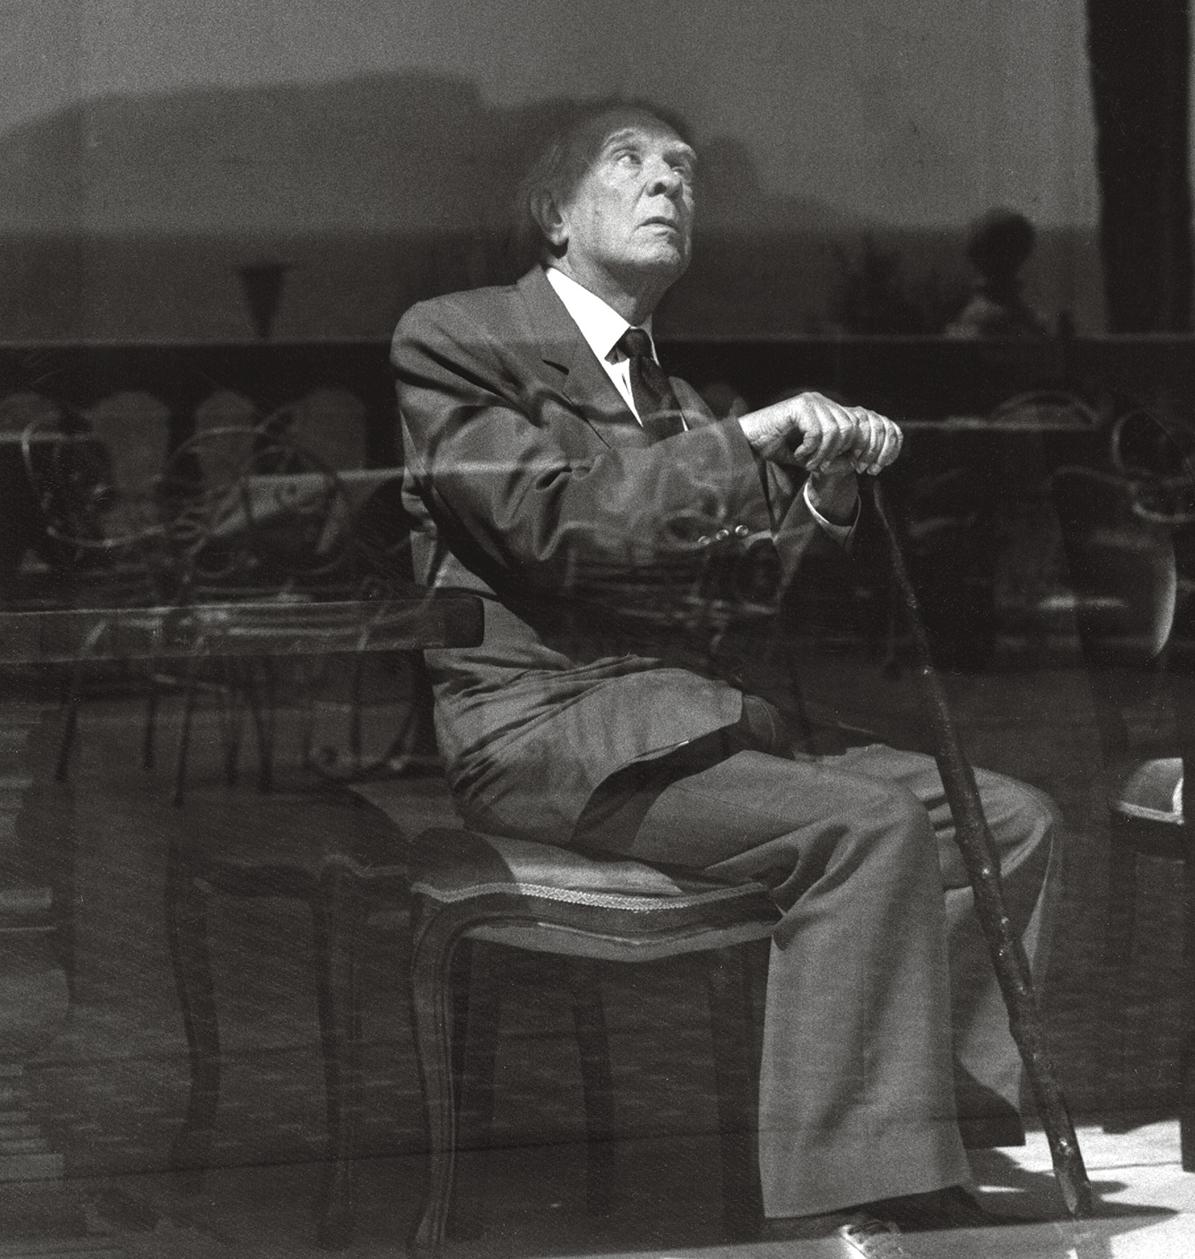 Foto em preto e branco do escritor Jorge Luis Borges. Ele é um homem de cabelos brancos, veste terno e gravata, e está sentado em uma cadeira enquanto segura uma bengala. Está com a cabeça inclinada para trás, olhando para cima